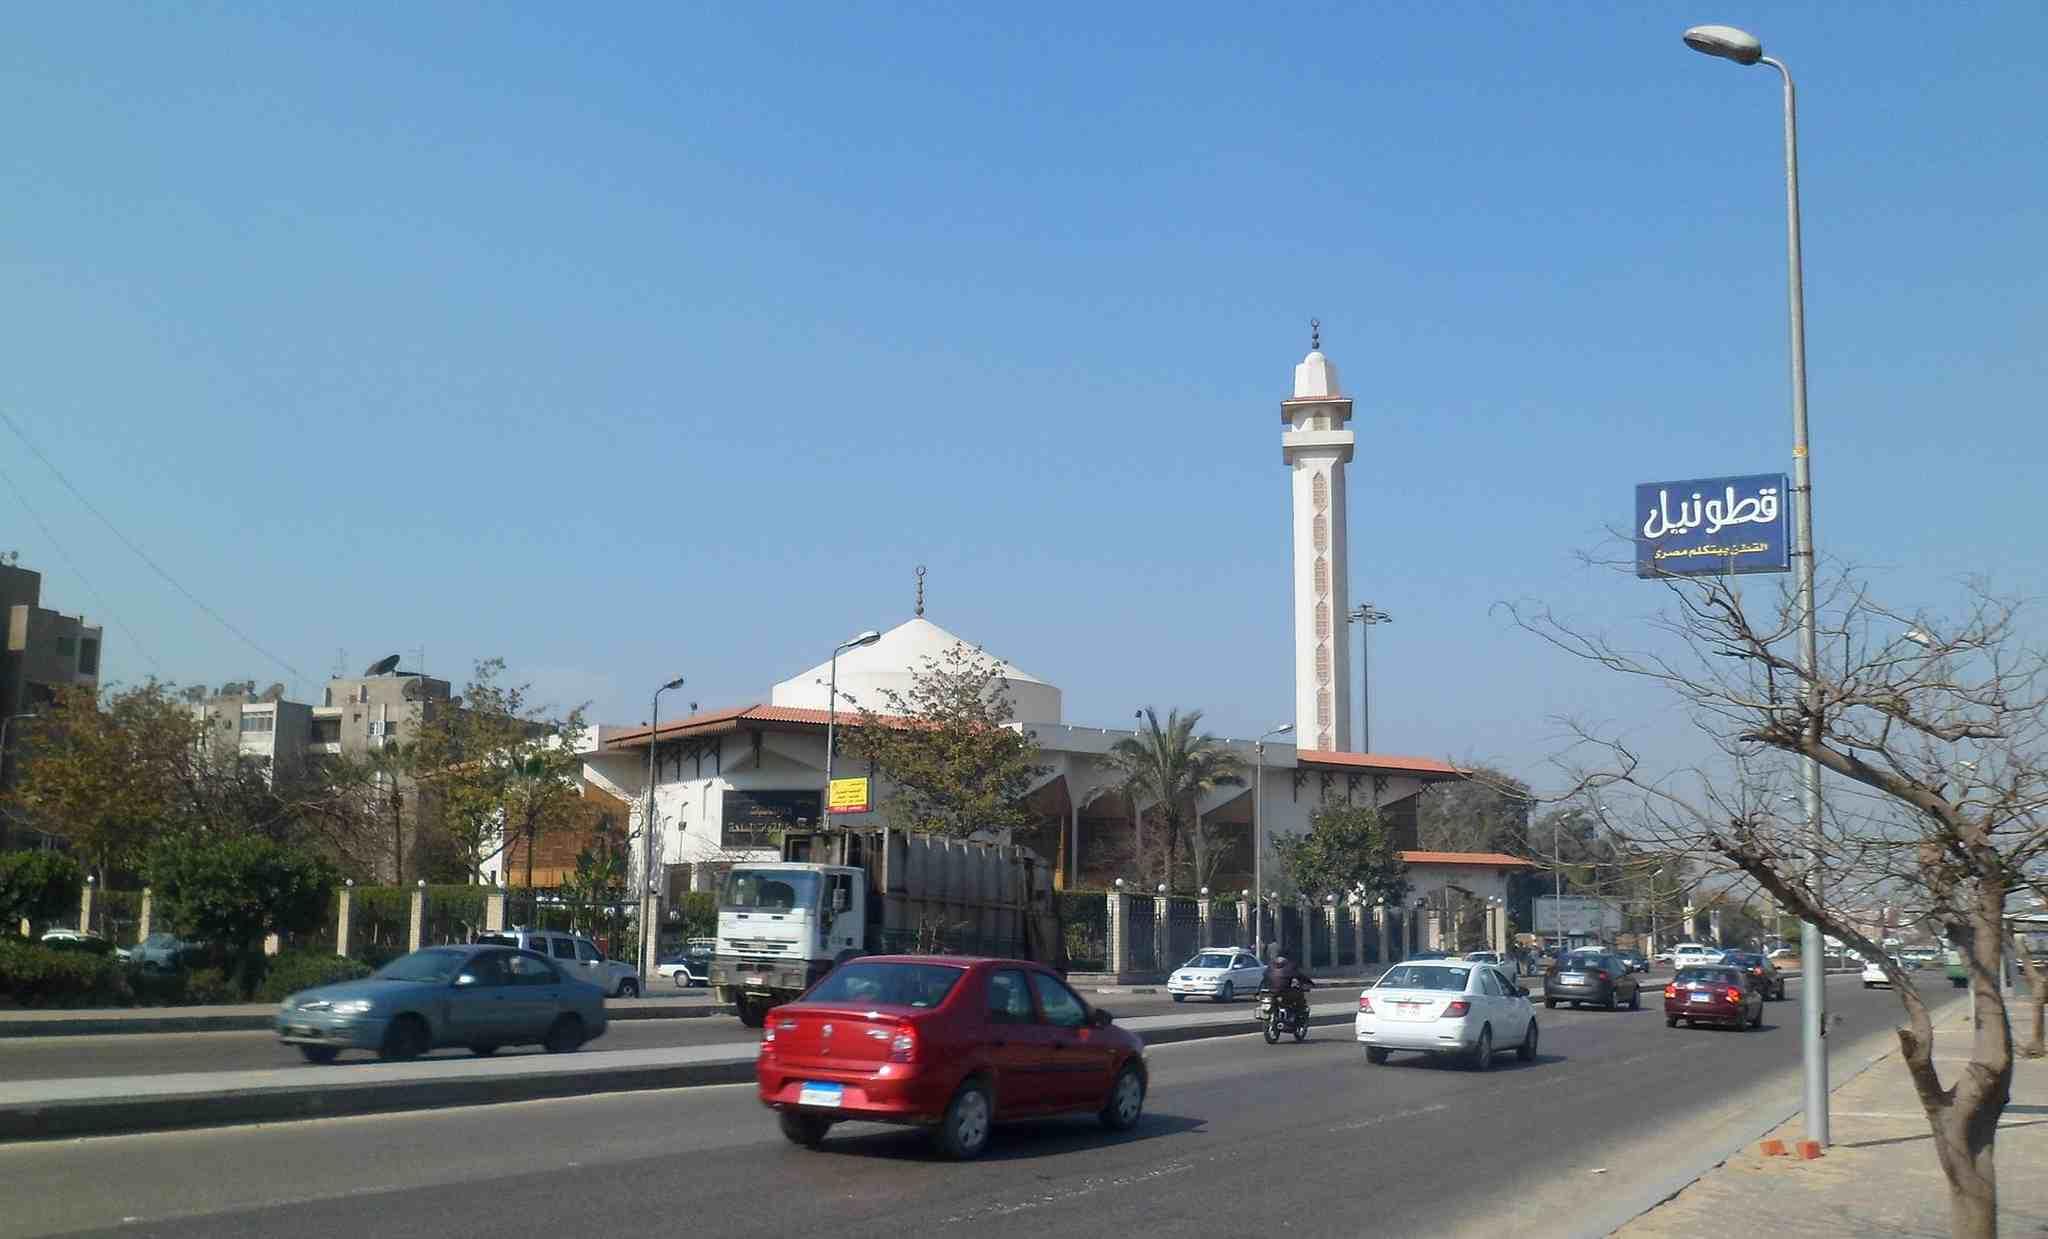 دليلك إلى أهم الخدمات في مدينة نصر - مسجد آل رشدان